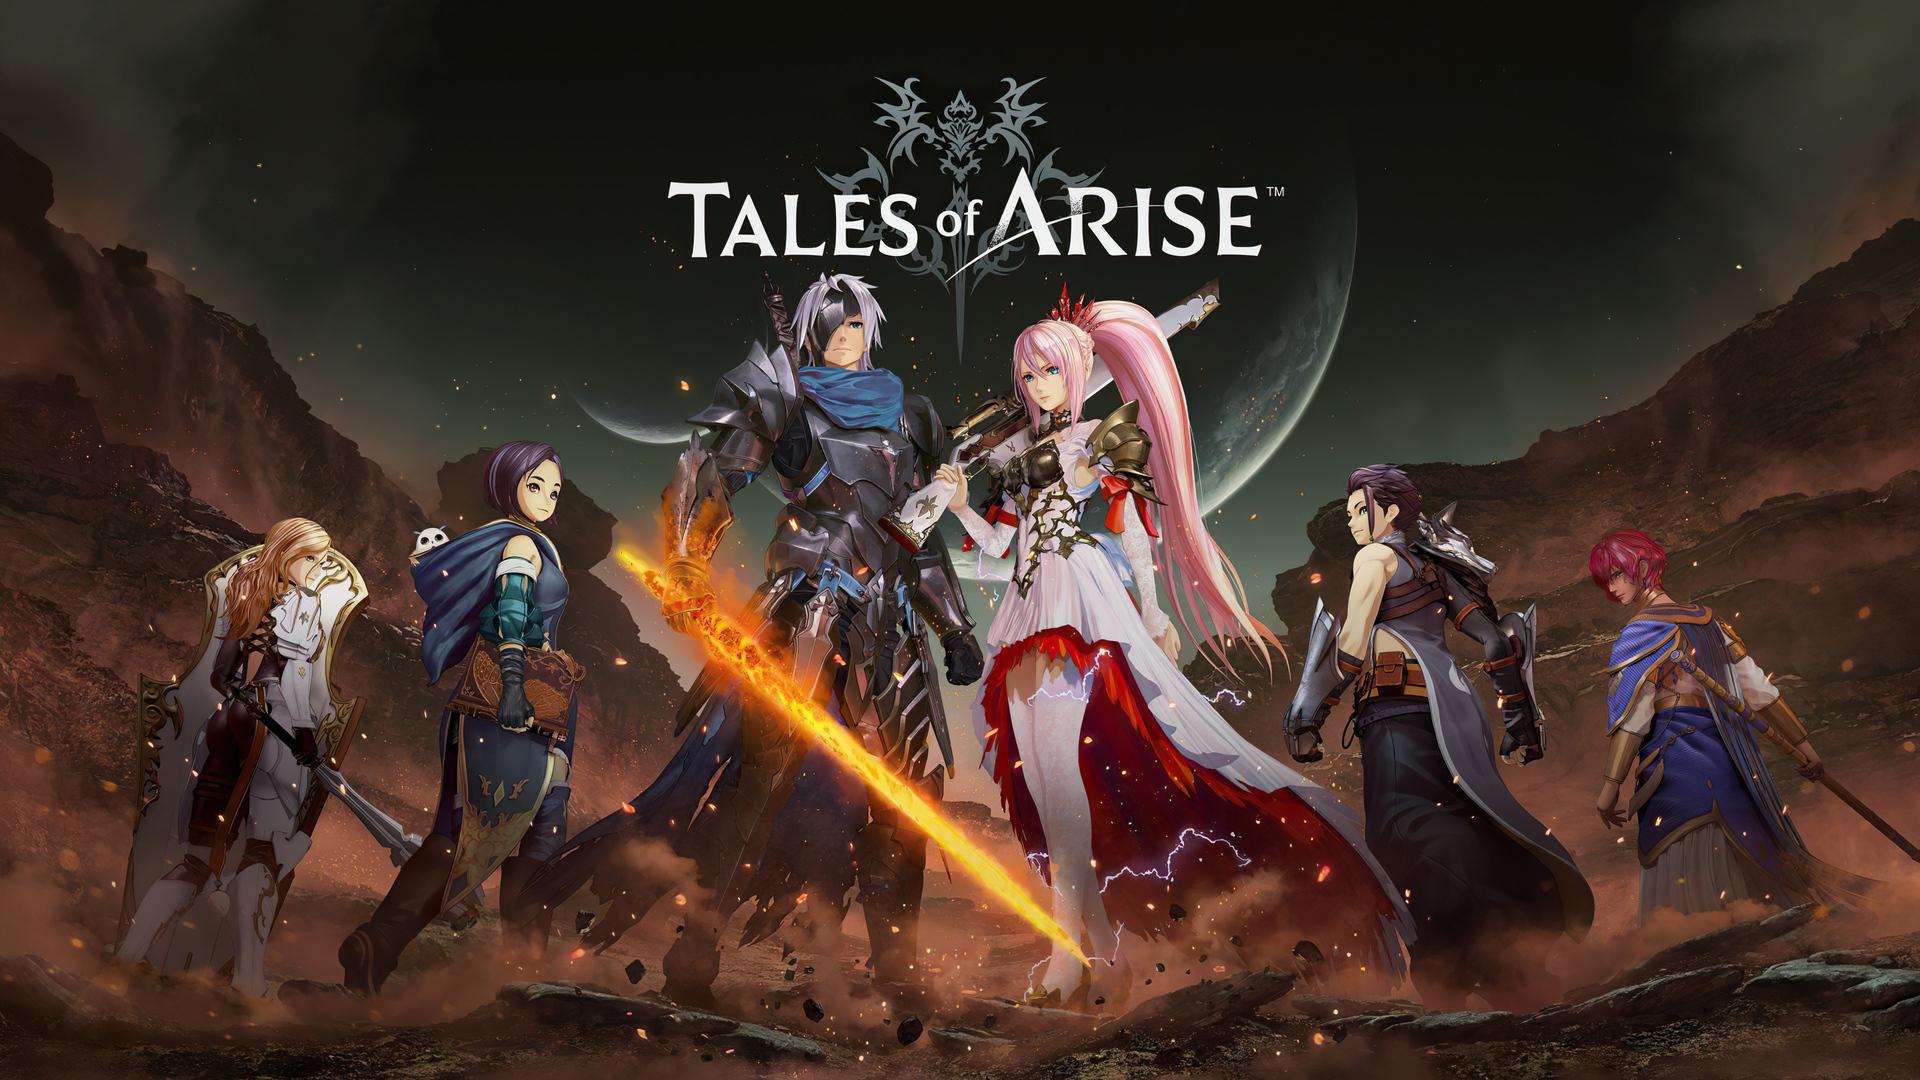 tales-of-arise-2021-5u-1920x1080-1.jpg